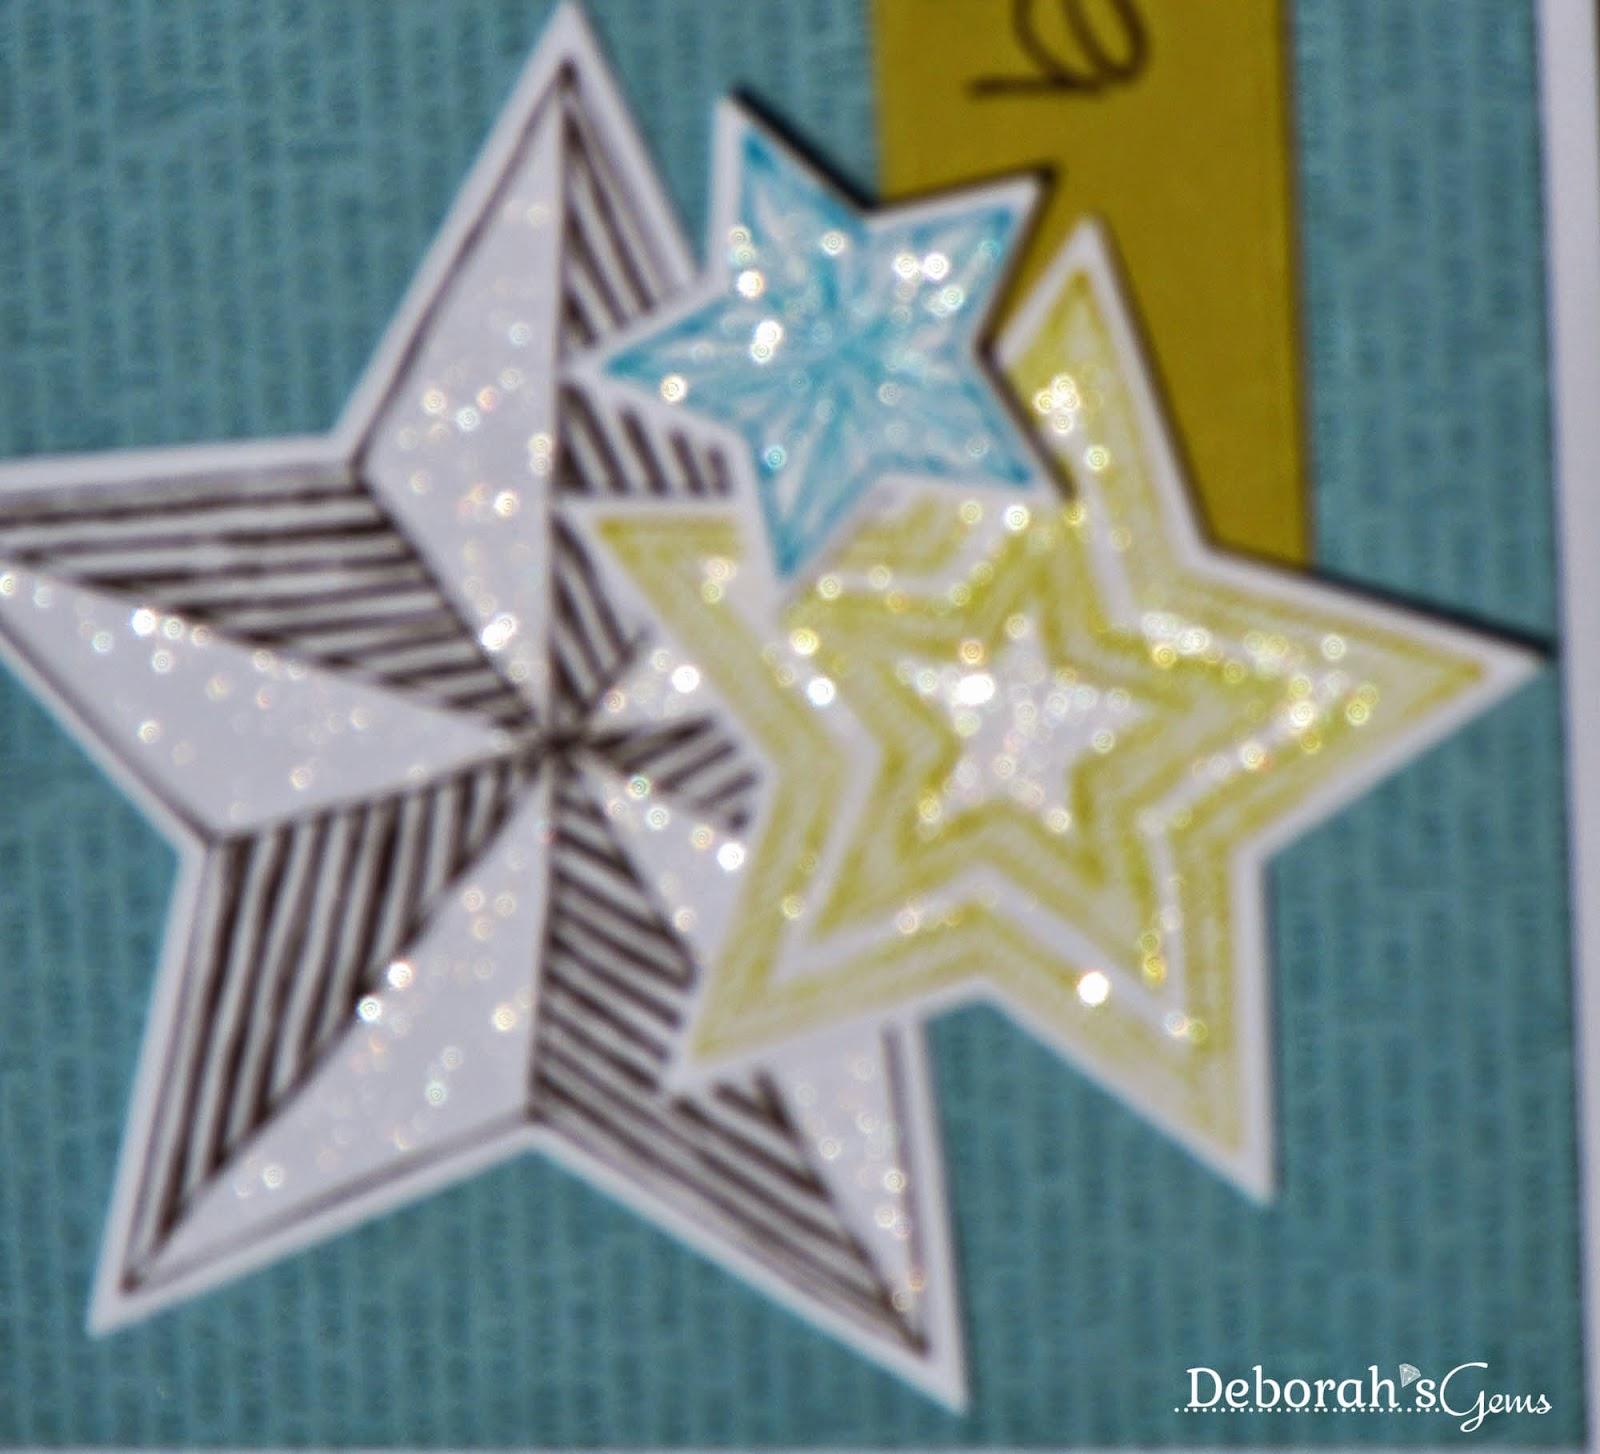 Stars detail - photo by Deborah Frings - Deborah's Gems